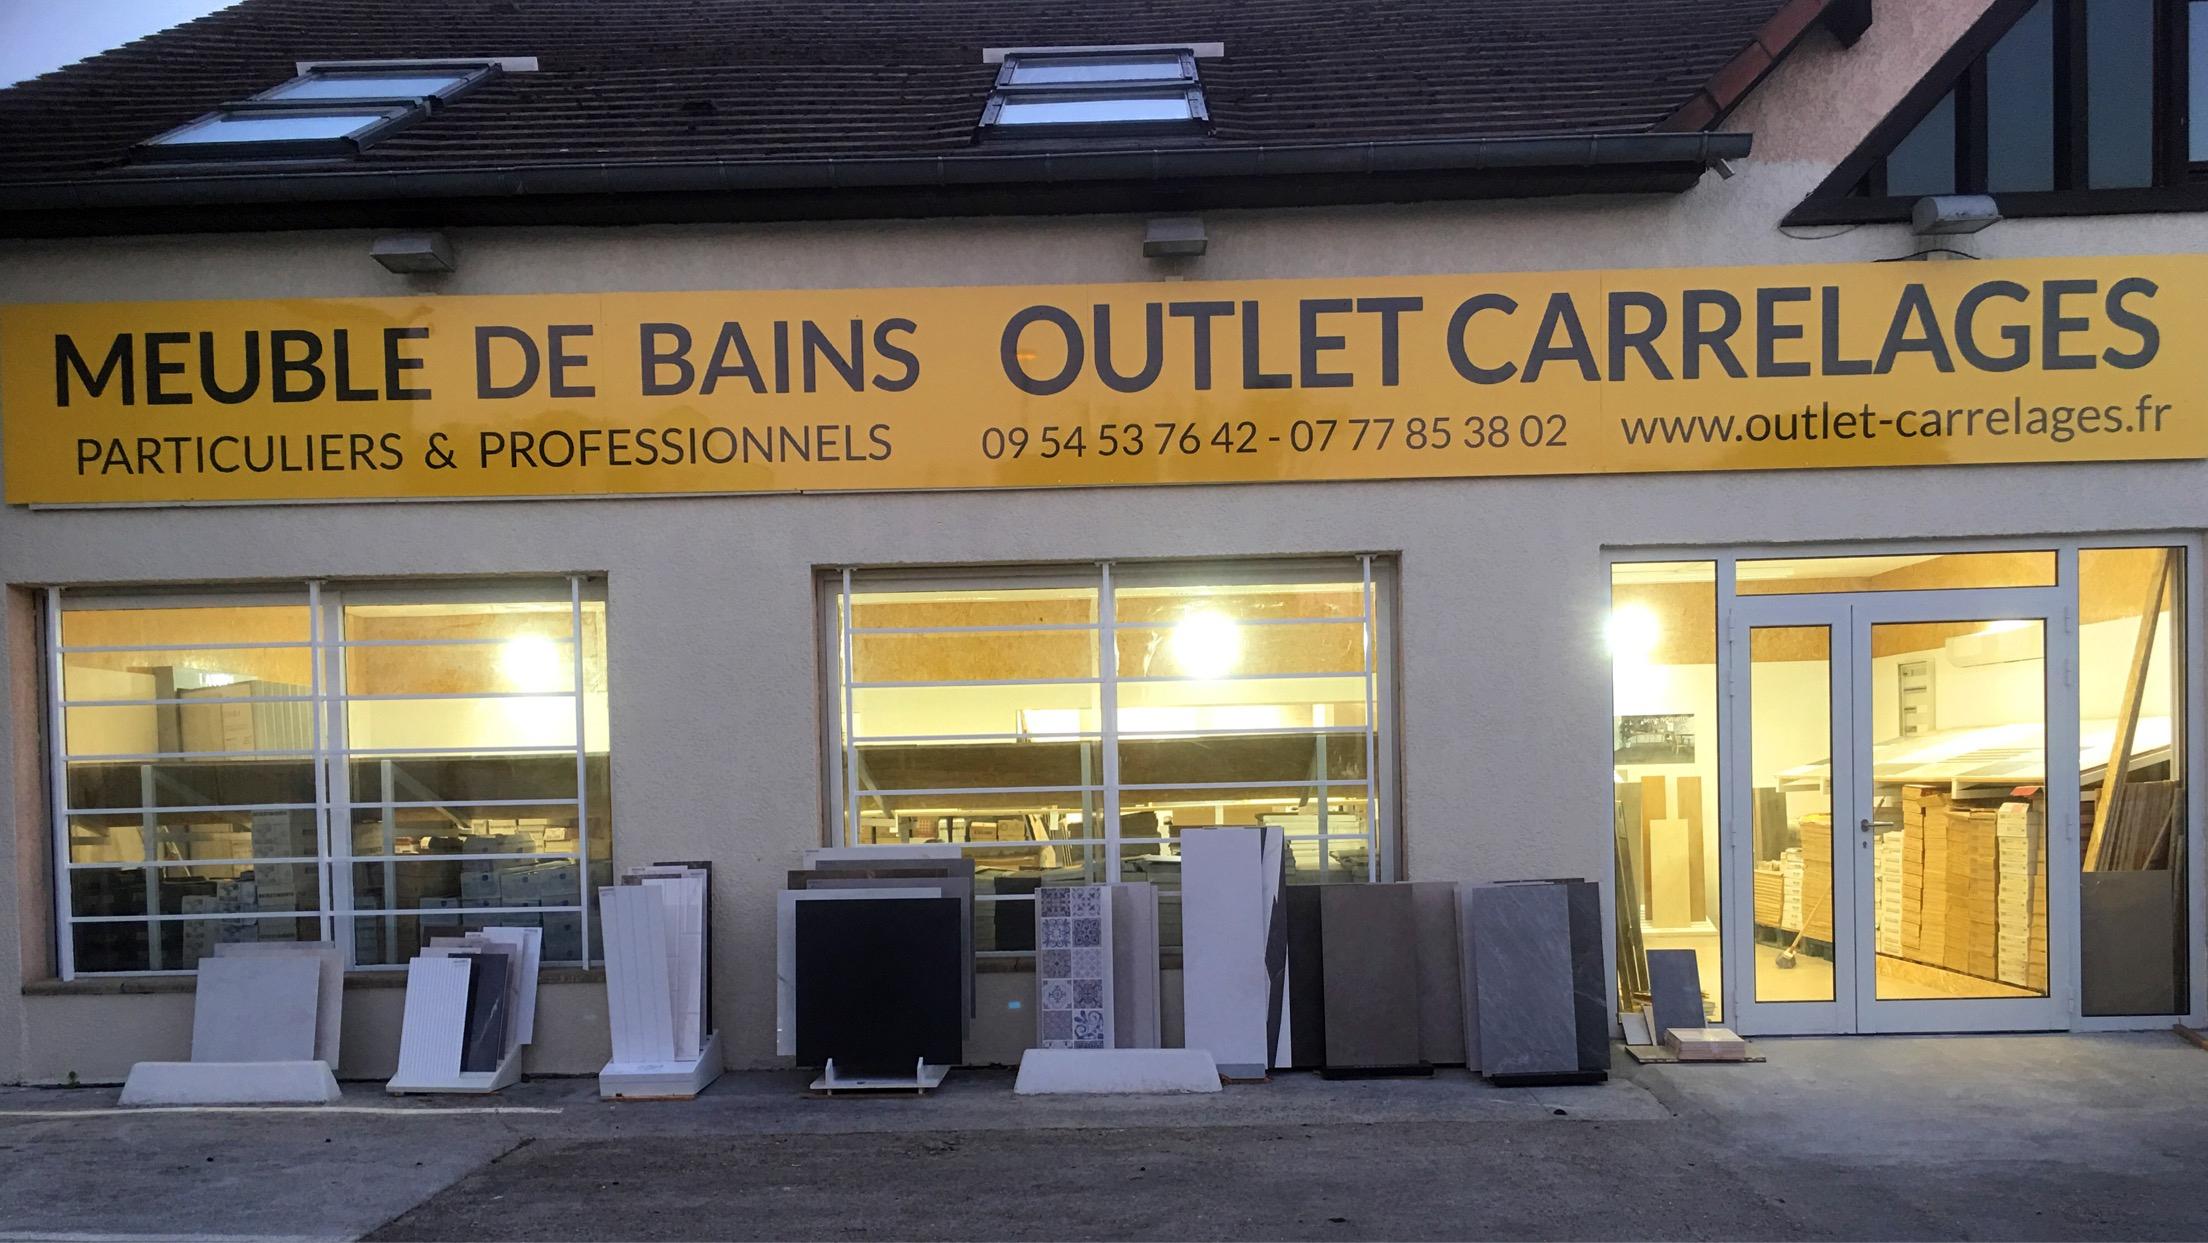 Outlet Carrelages À Conflans-Sainte-Honorine 78700 (Rue Des ... pour Destock Carrelage Toulouse